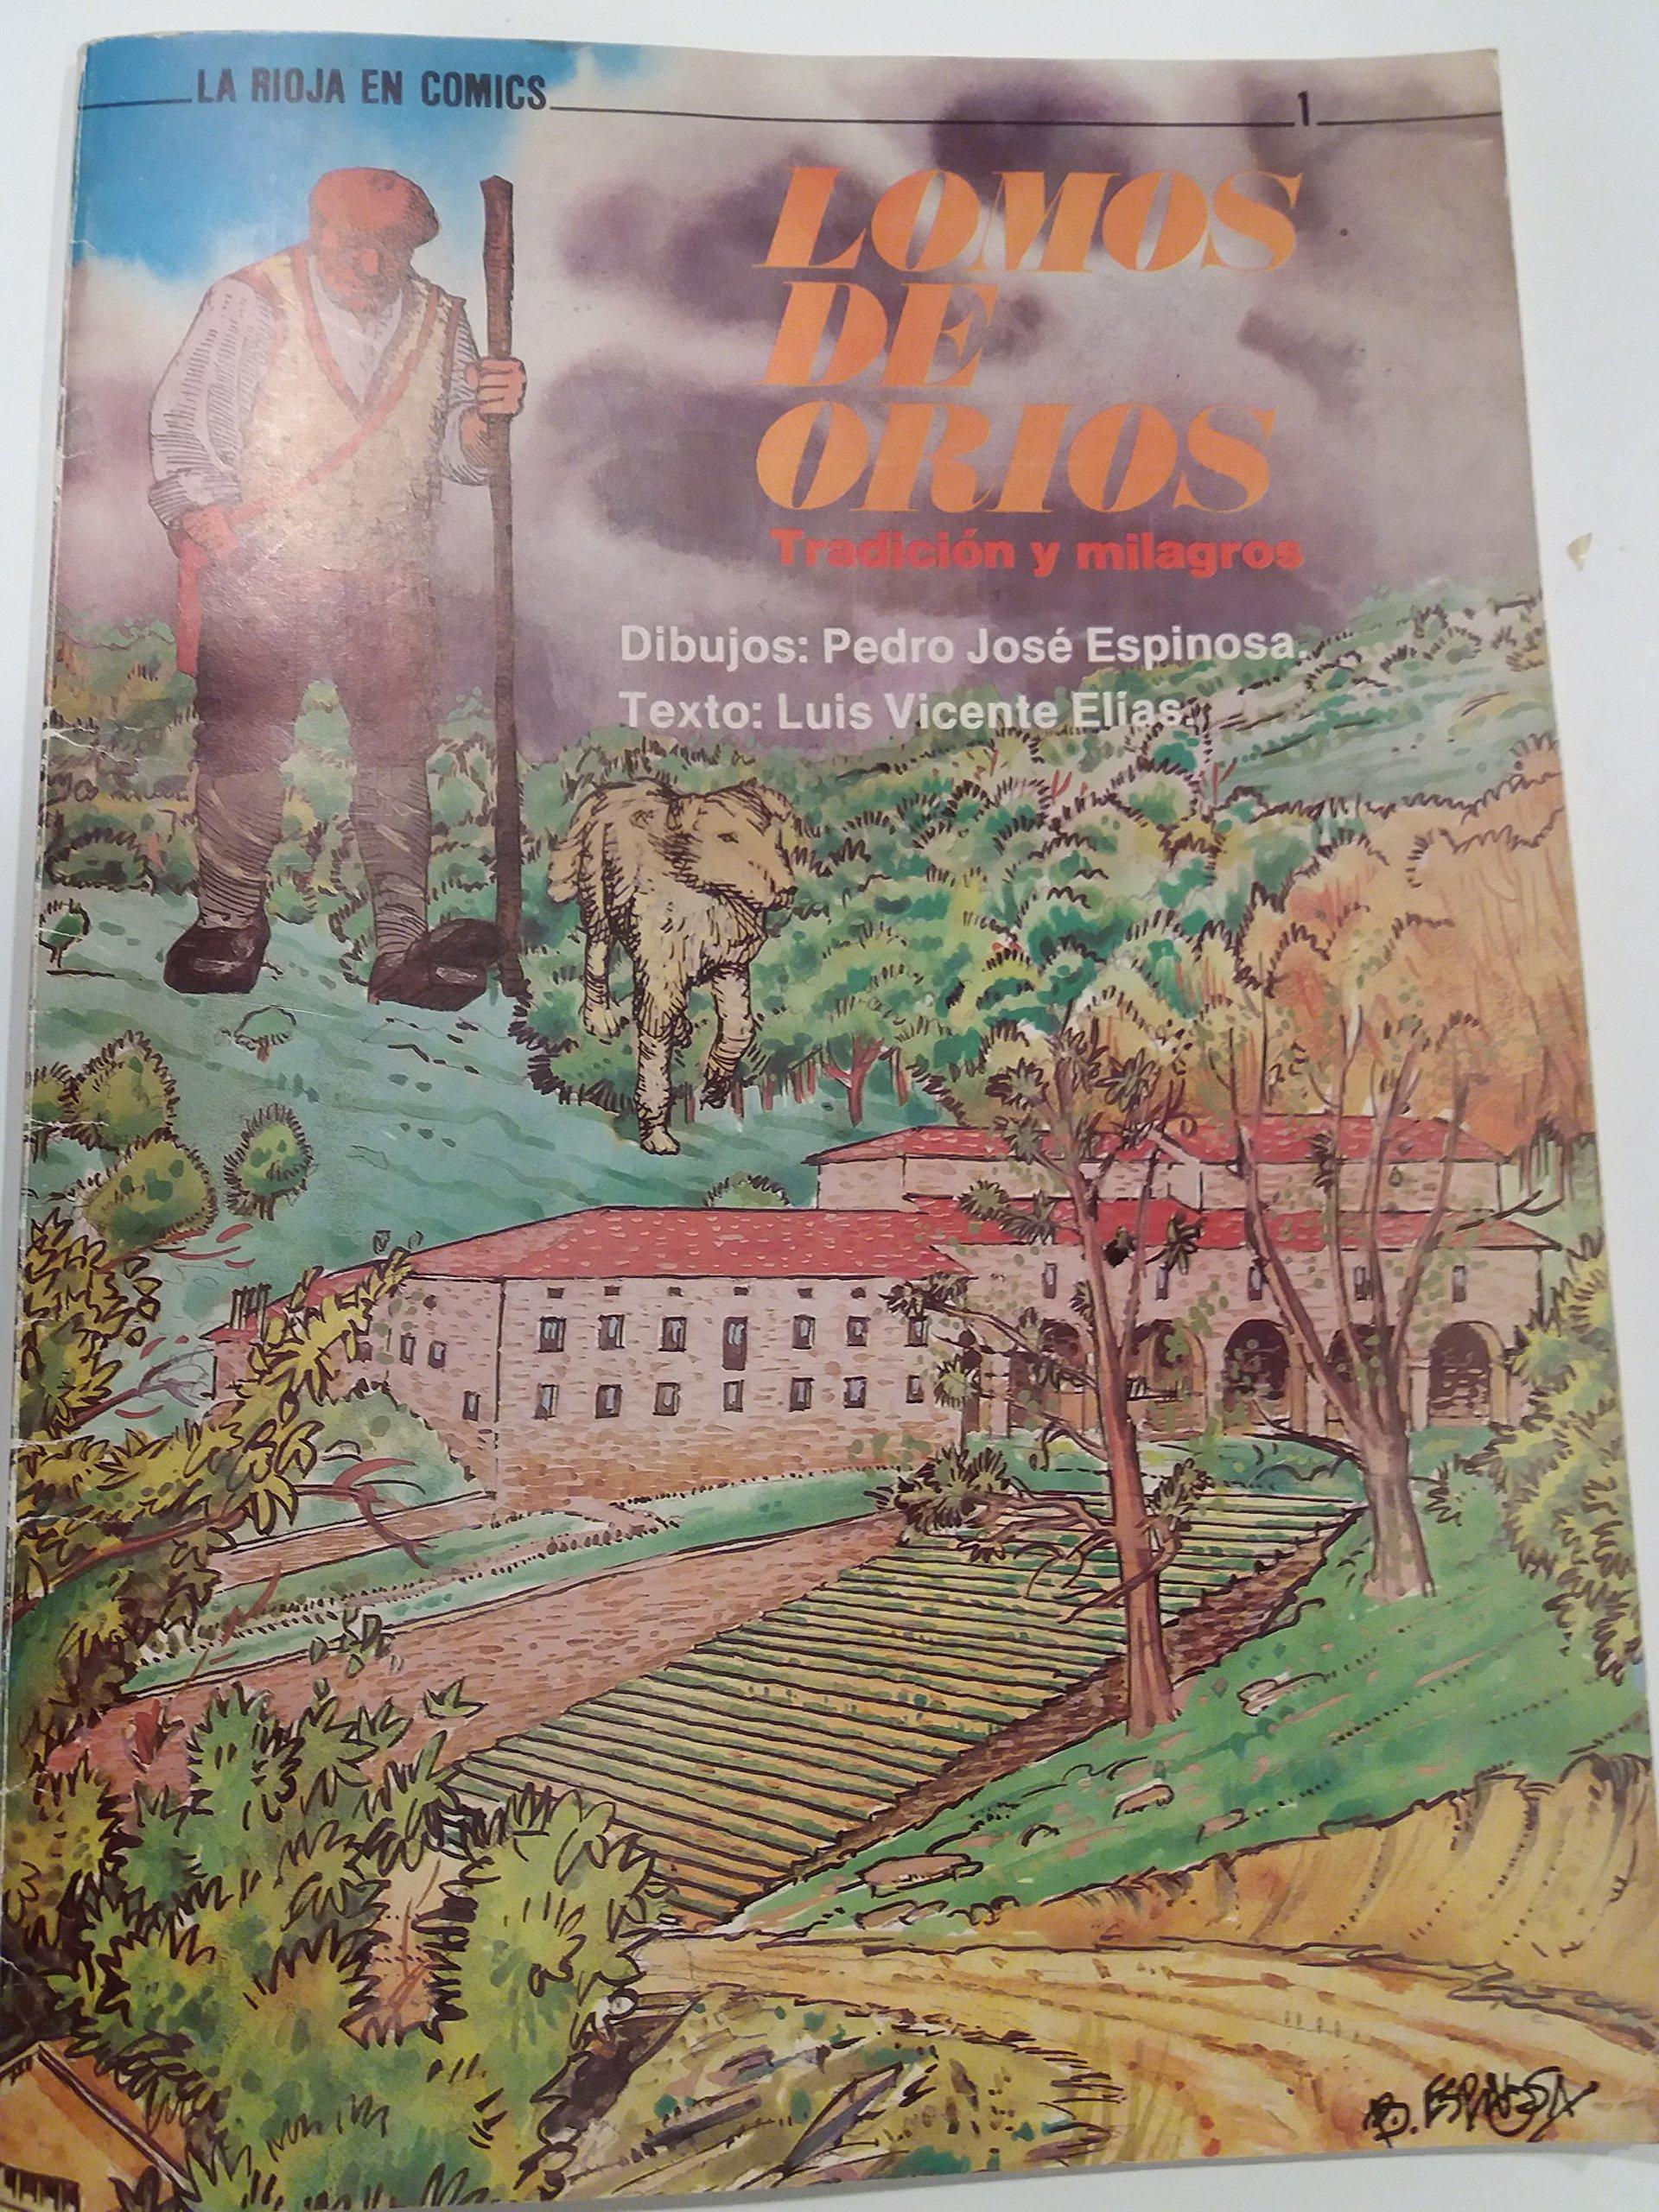 LOMOS DE ORIOS, TRADICION Y MILAGROS. LA RIOJA EN COMICS: Amazon.es: Luis Vicente- Elias: Libros